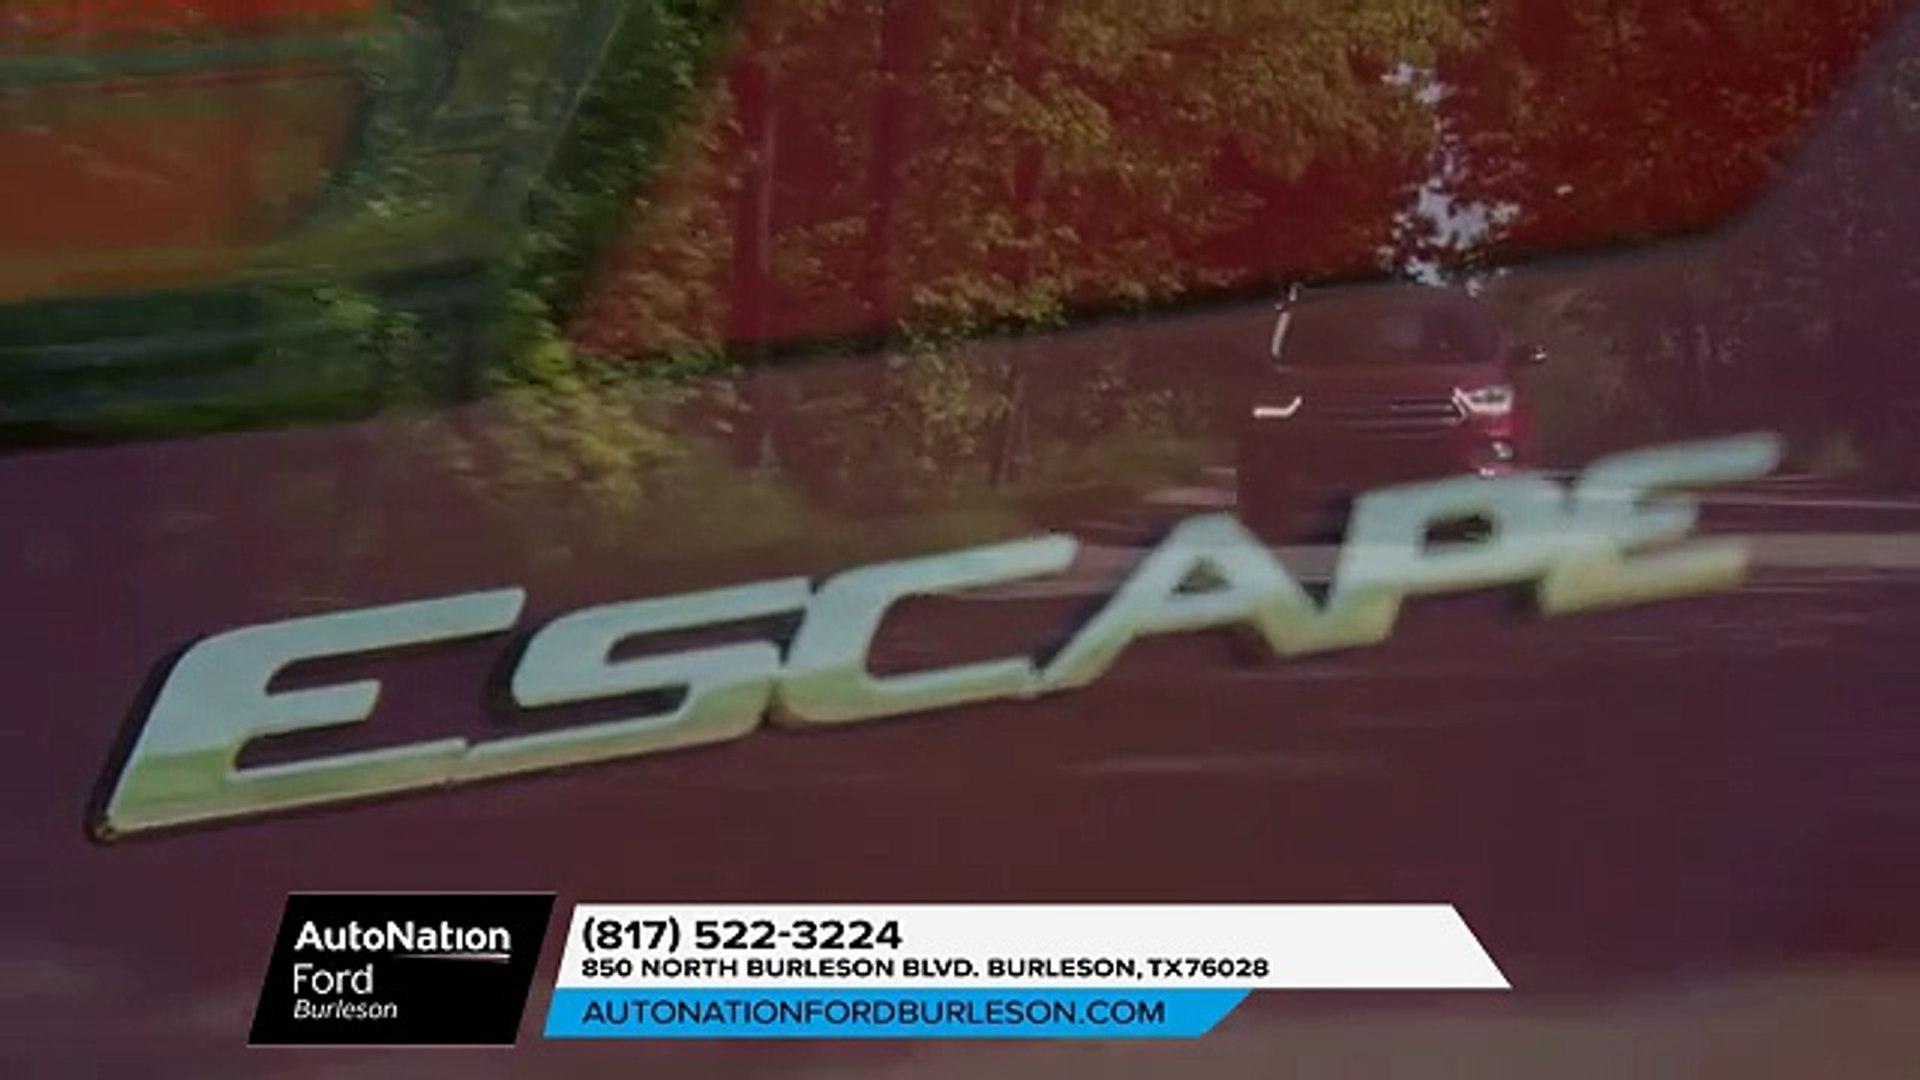 Autonation Ford Burleson >> 2018 Ford Escape Burleson Tx New Ford Escape Burleson Tx